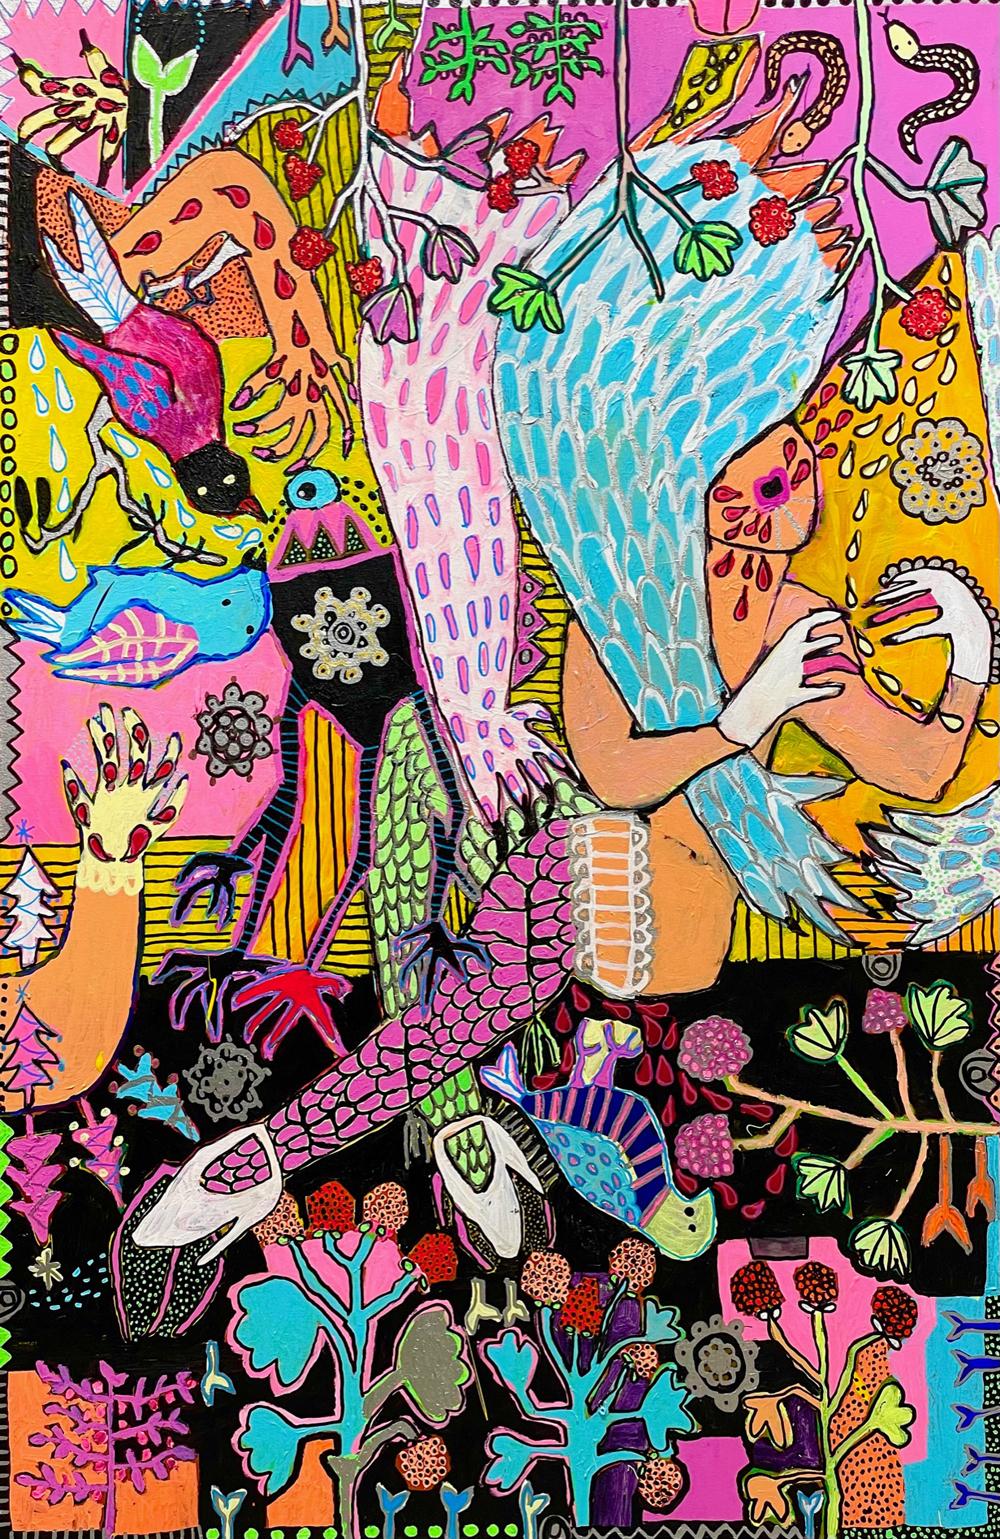 Lokakuun kuukauden taiteilija: Noora Ylipieti